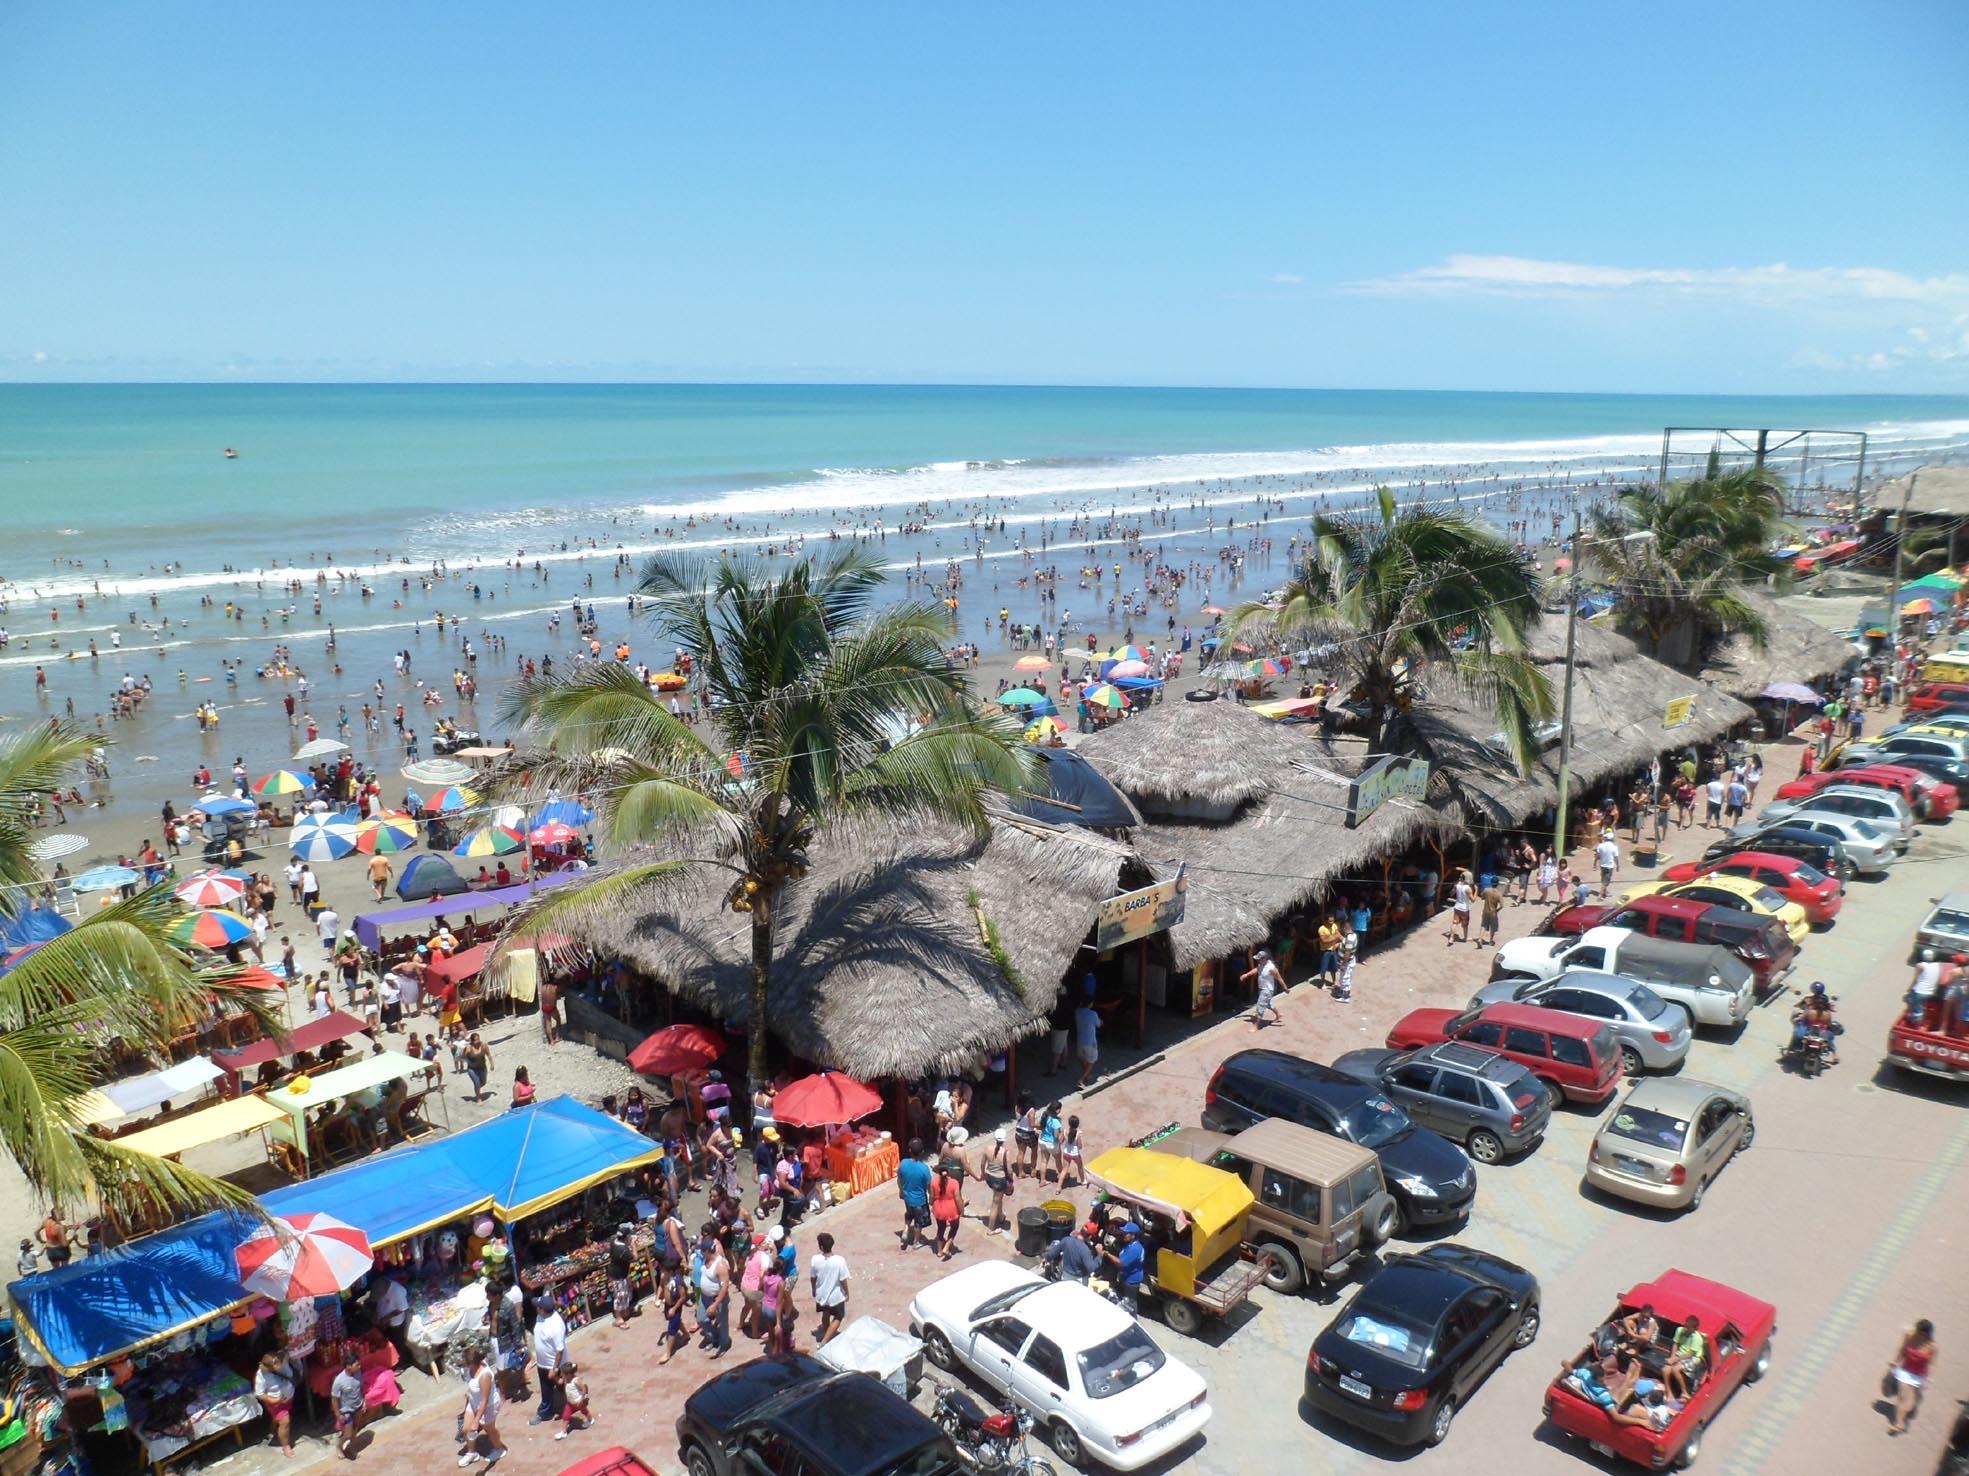 semana santa ecuador vacaciones paquetes feriado 2017